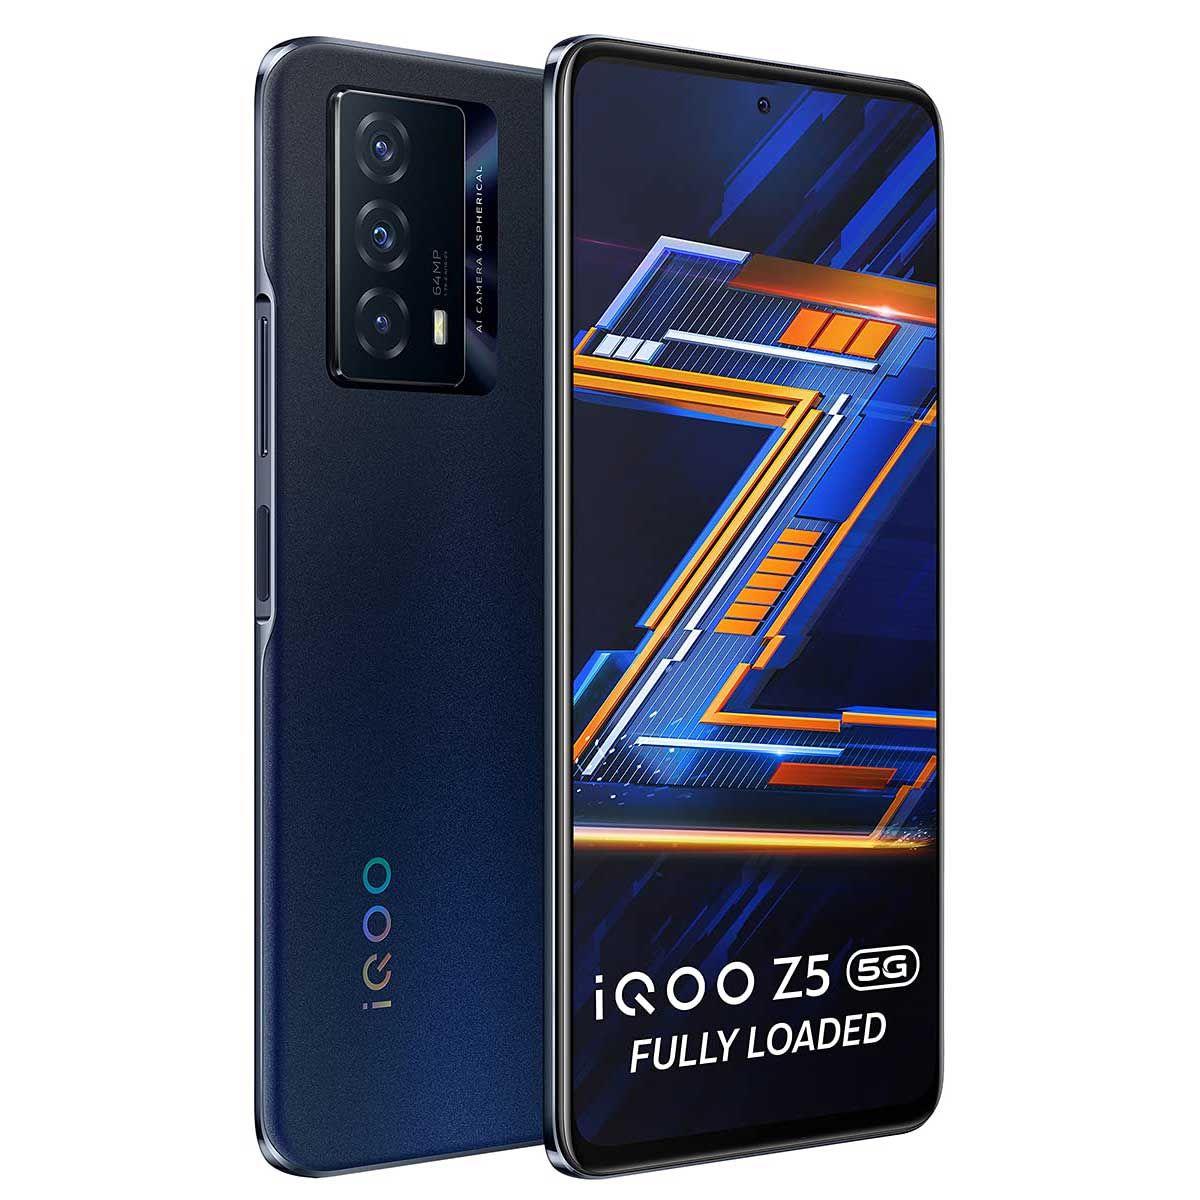 iQOO Z5 256GB